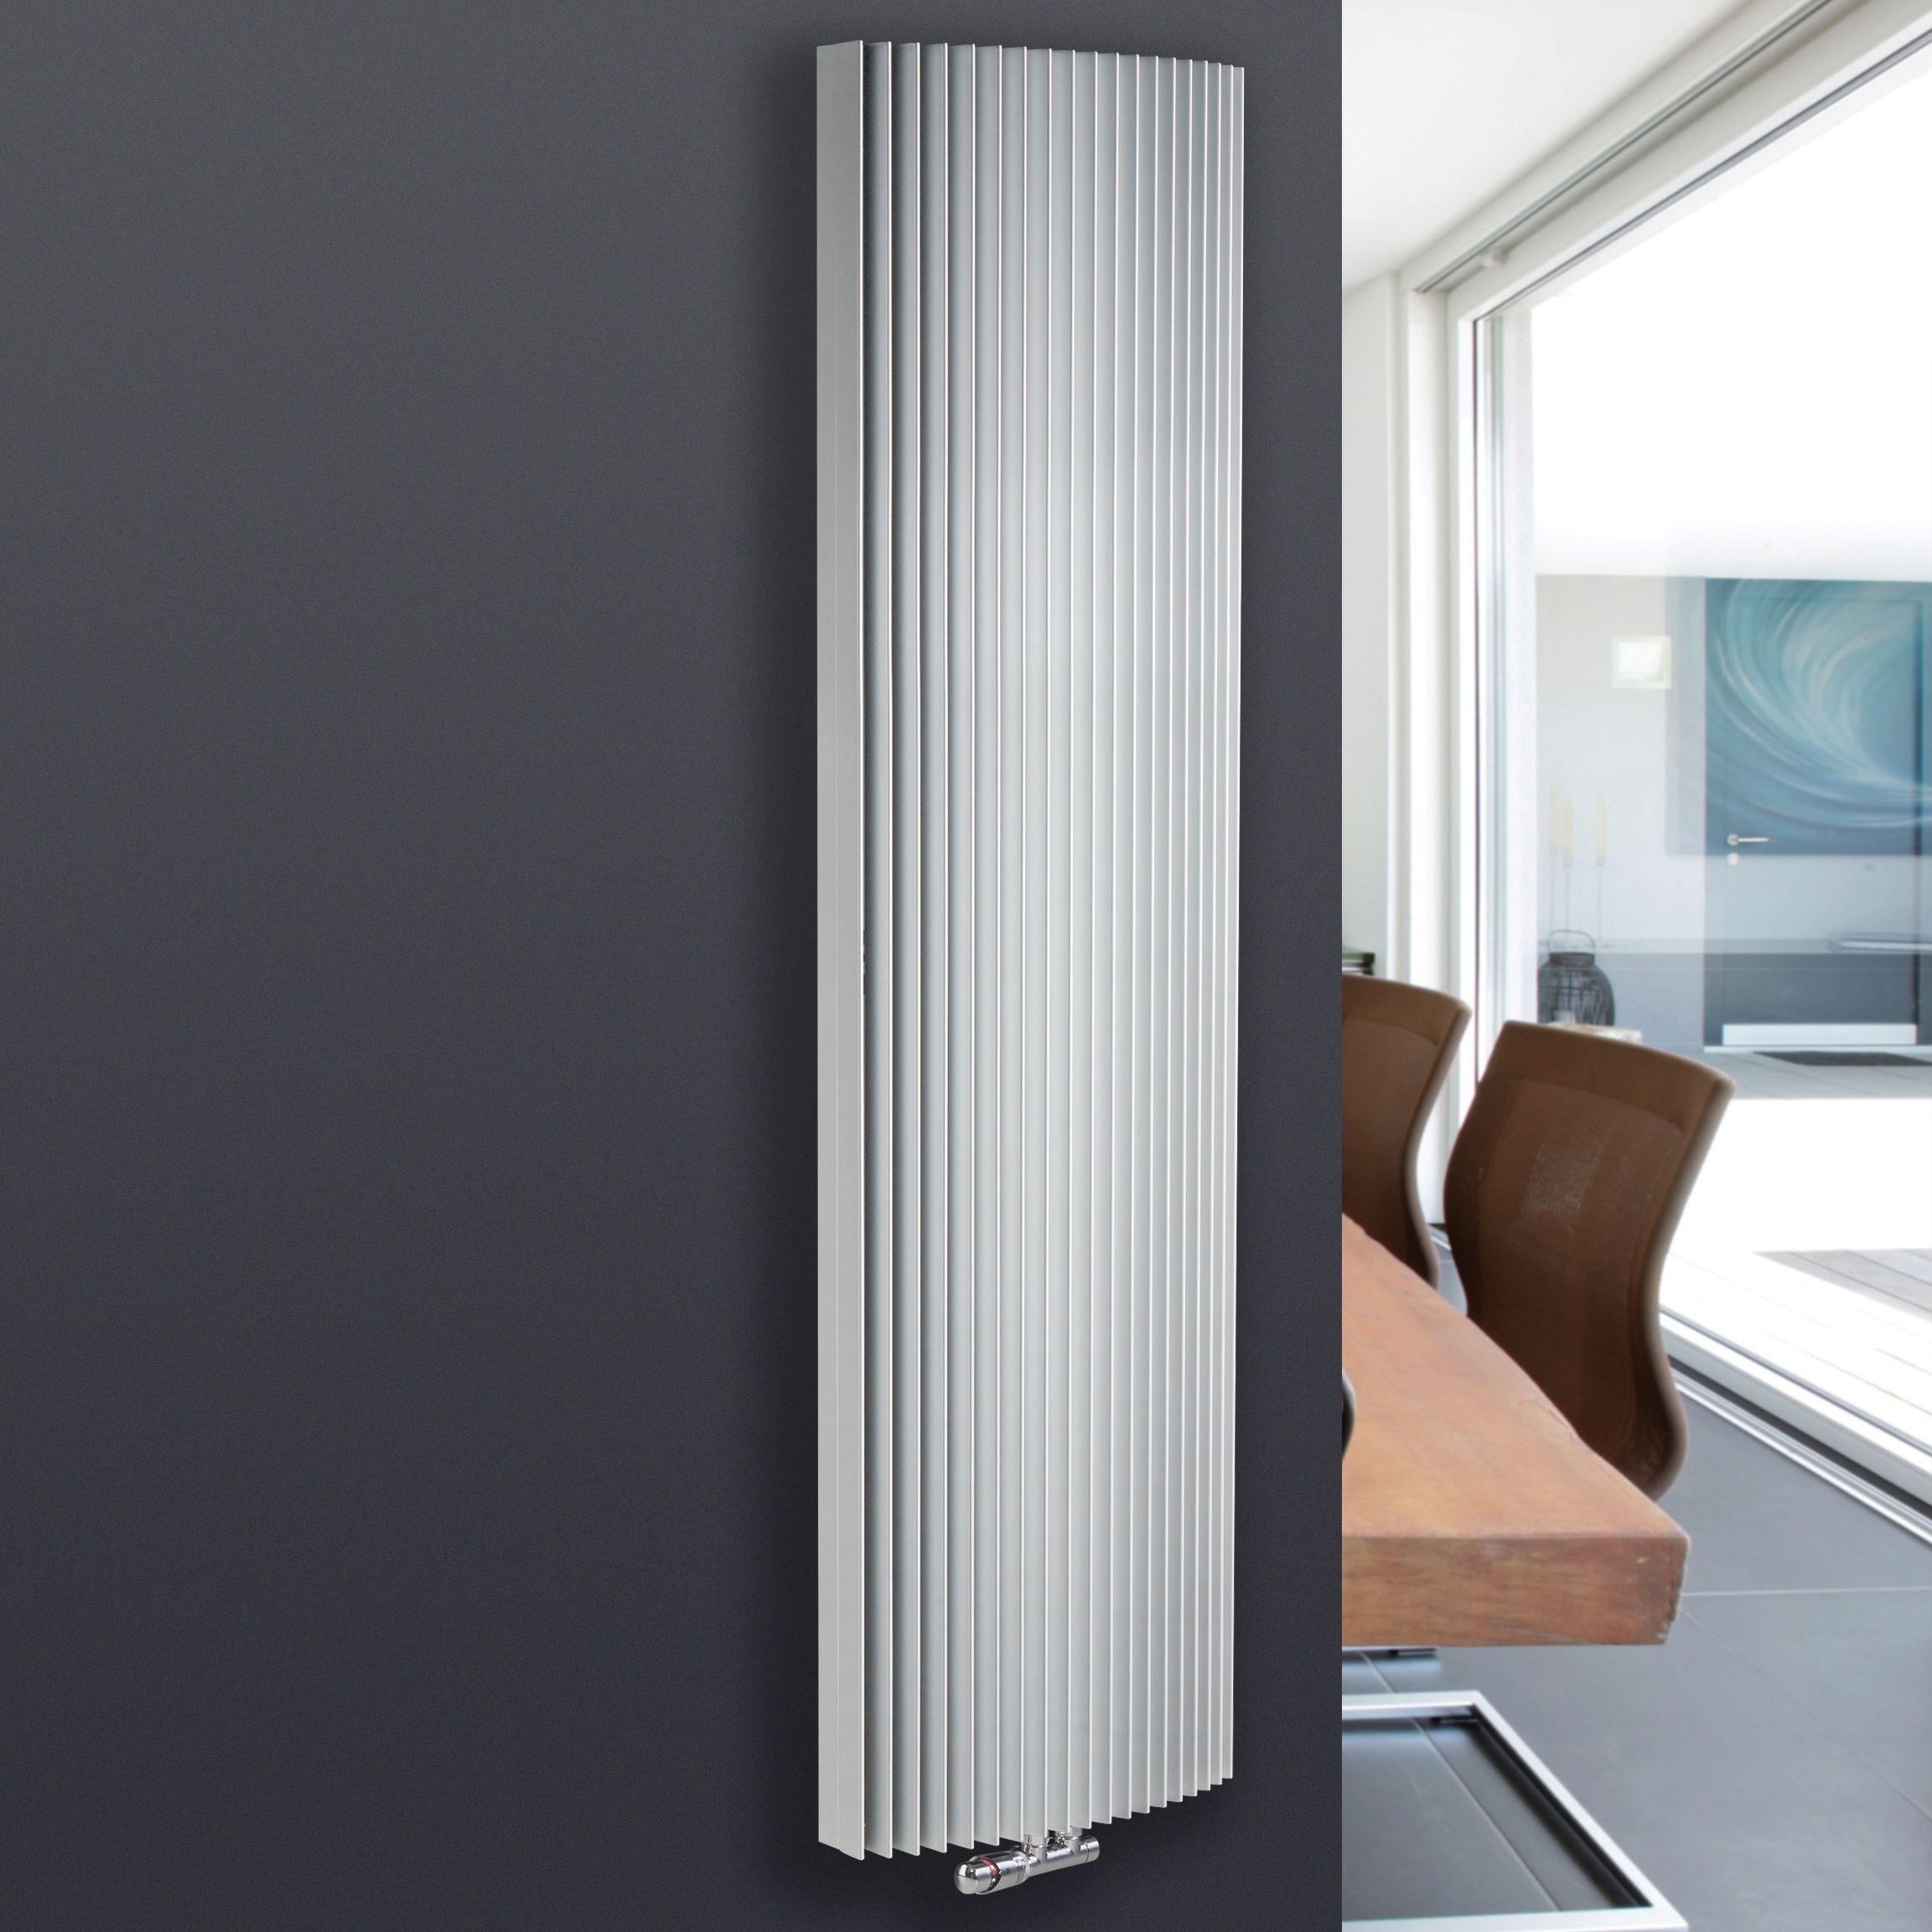 Jaga Iguana Arco Vertical Radiator White (H)1800 mm